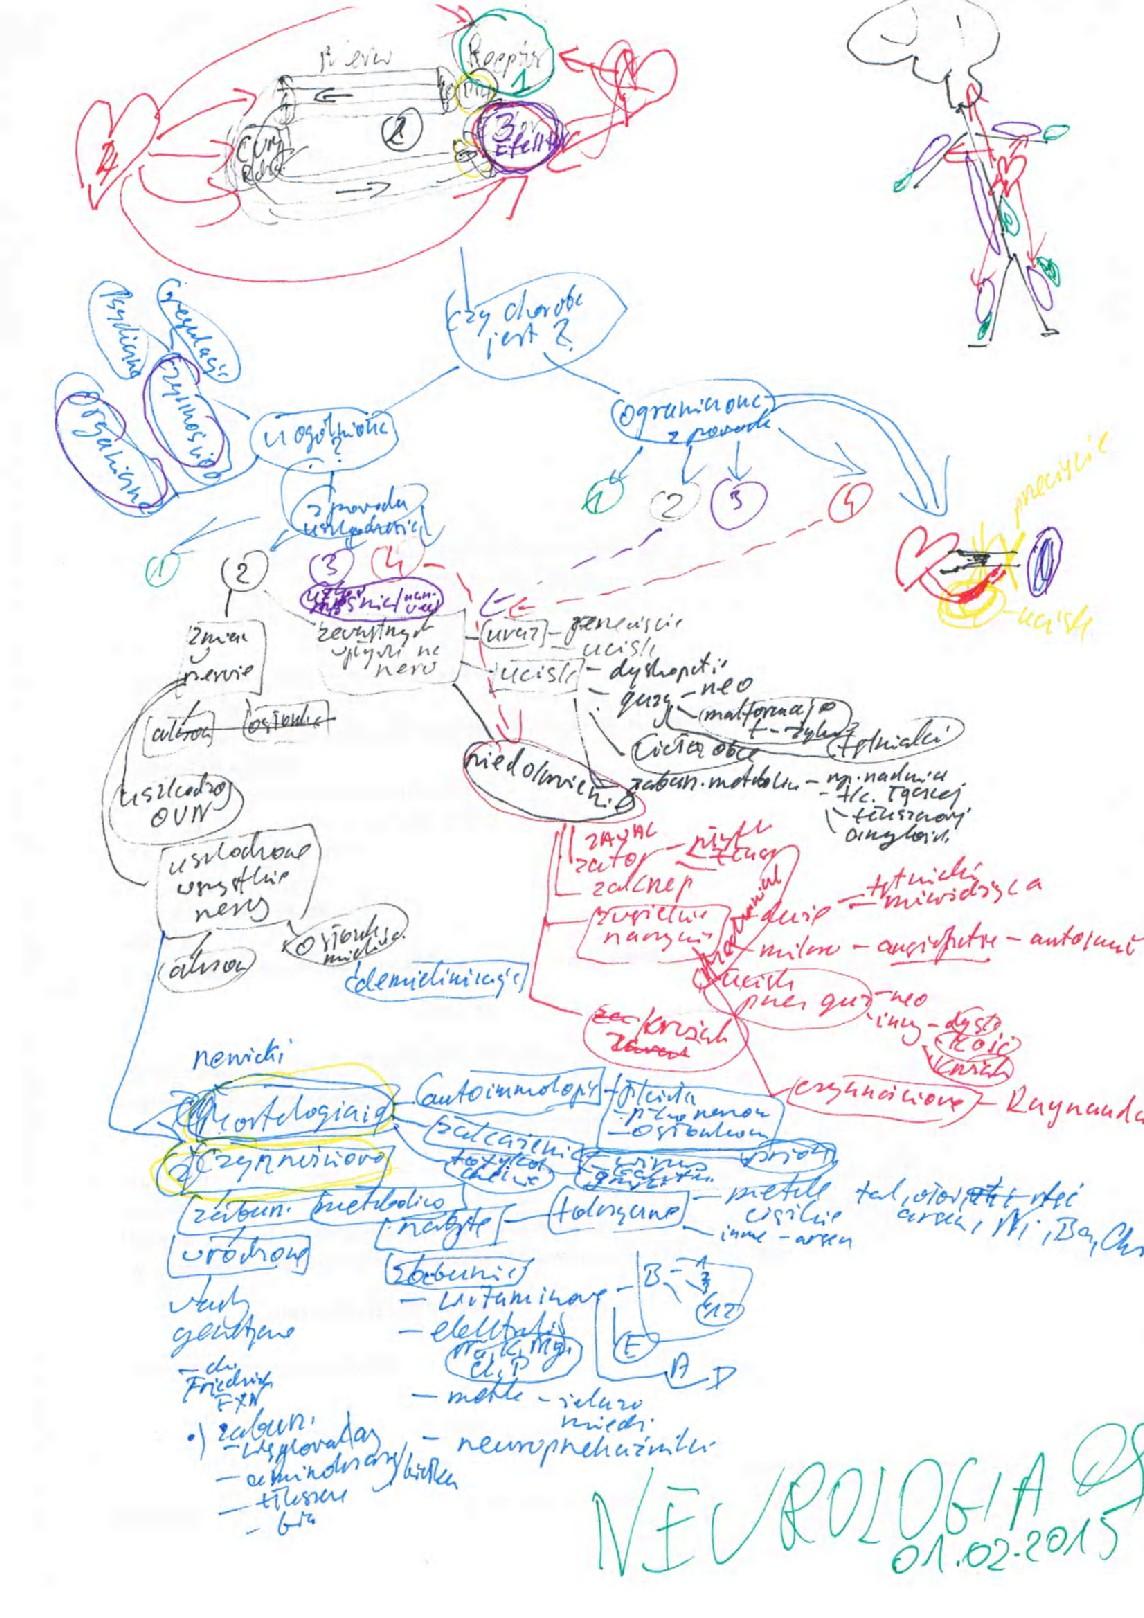 Neurologia-moj algorytm